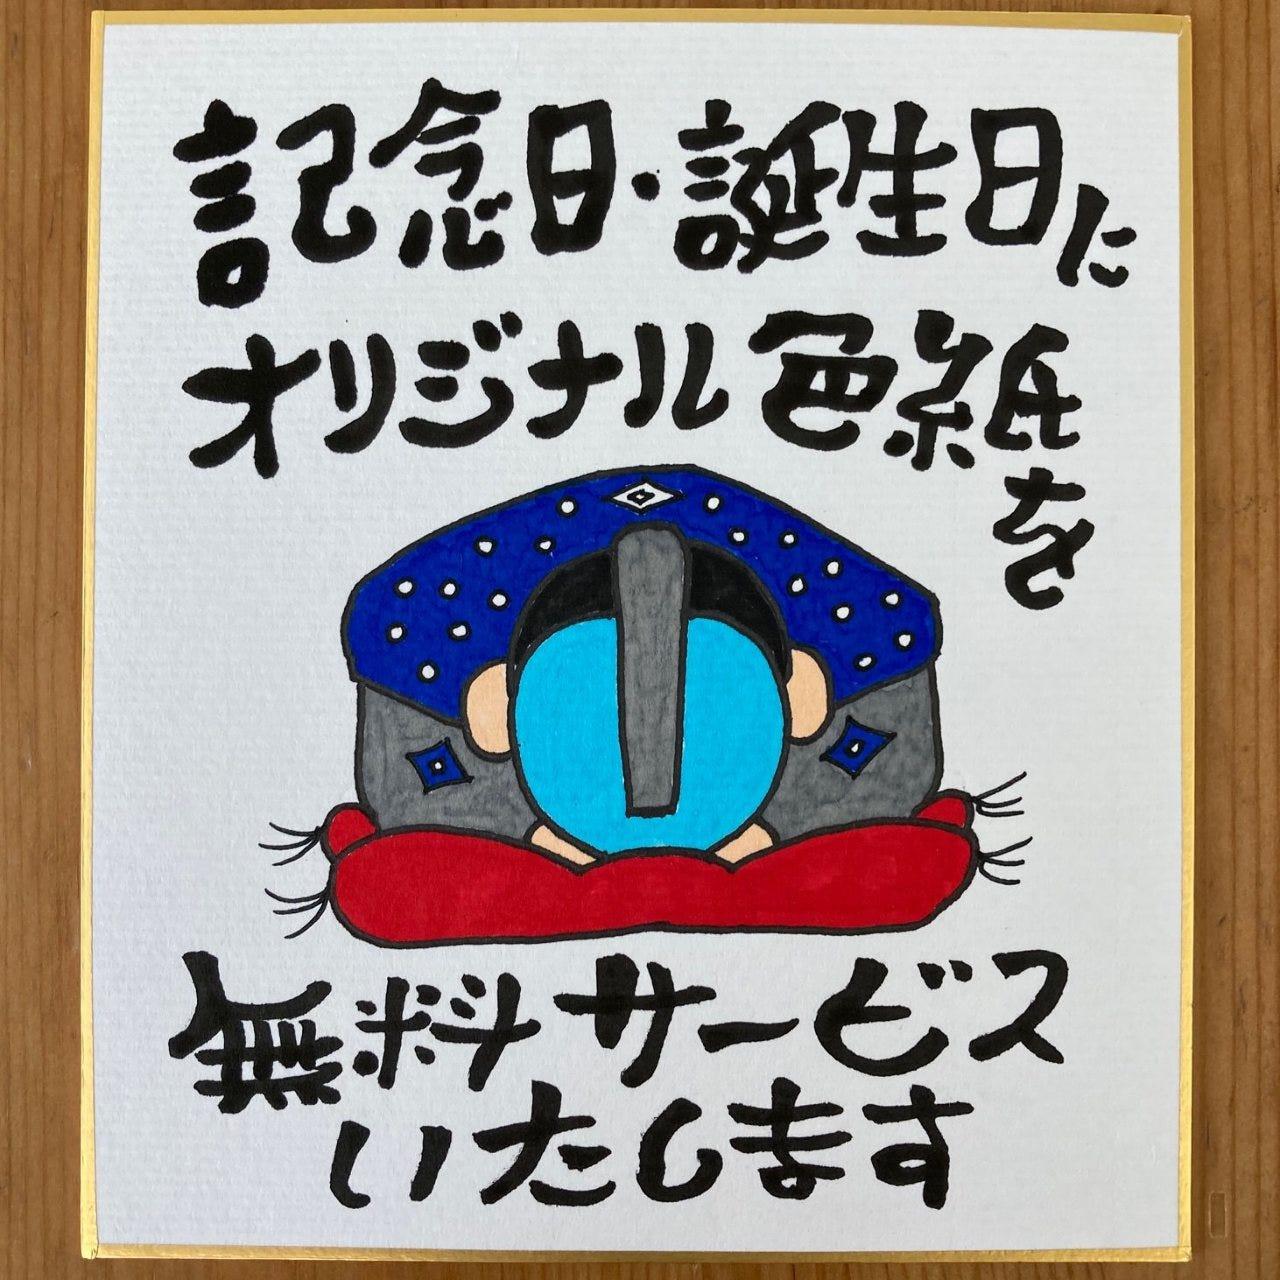 個室確約【記念日/誕生日プラン@4000円】オリジナル色紙を無料でご用意!名前や文言をご指定ください!